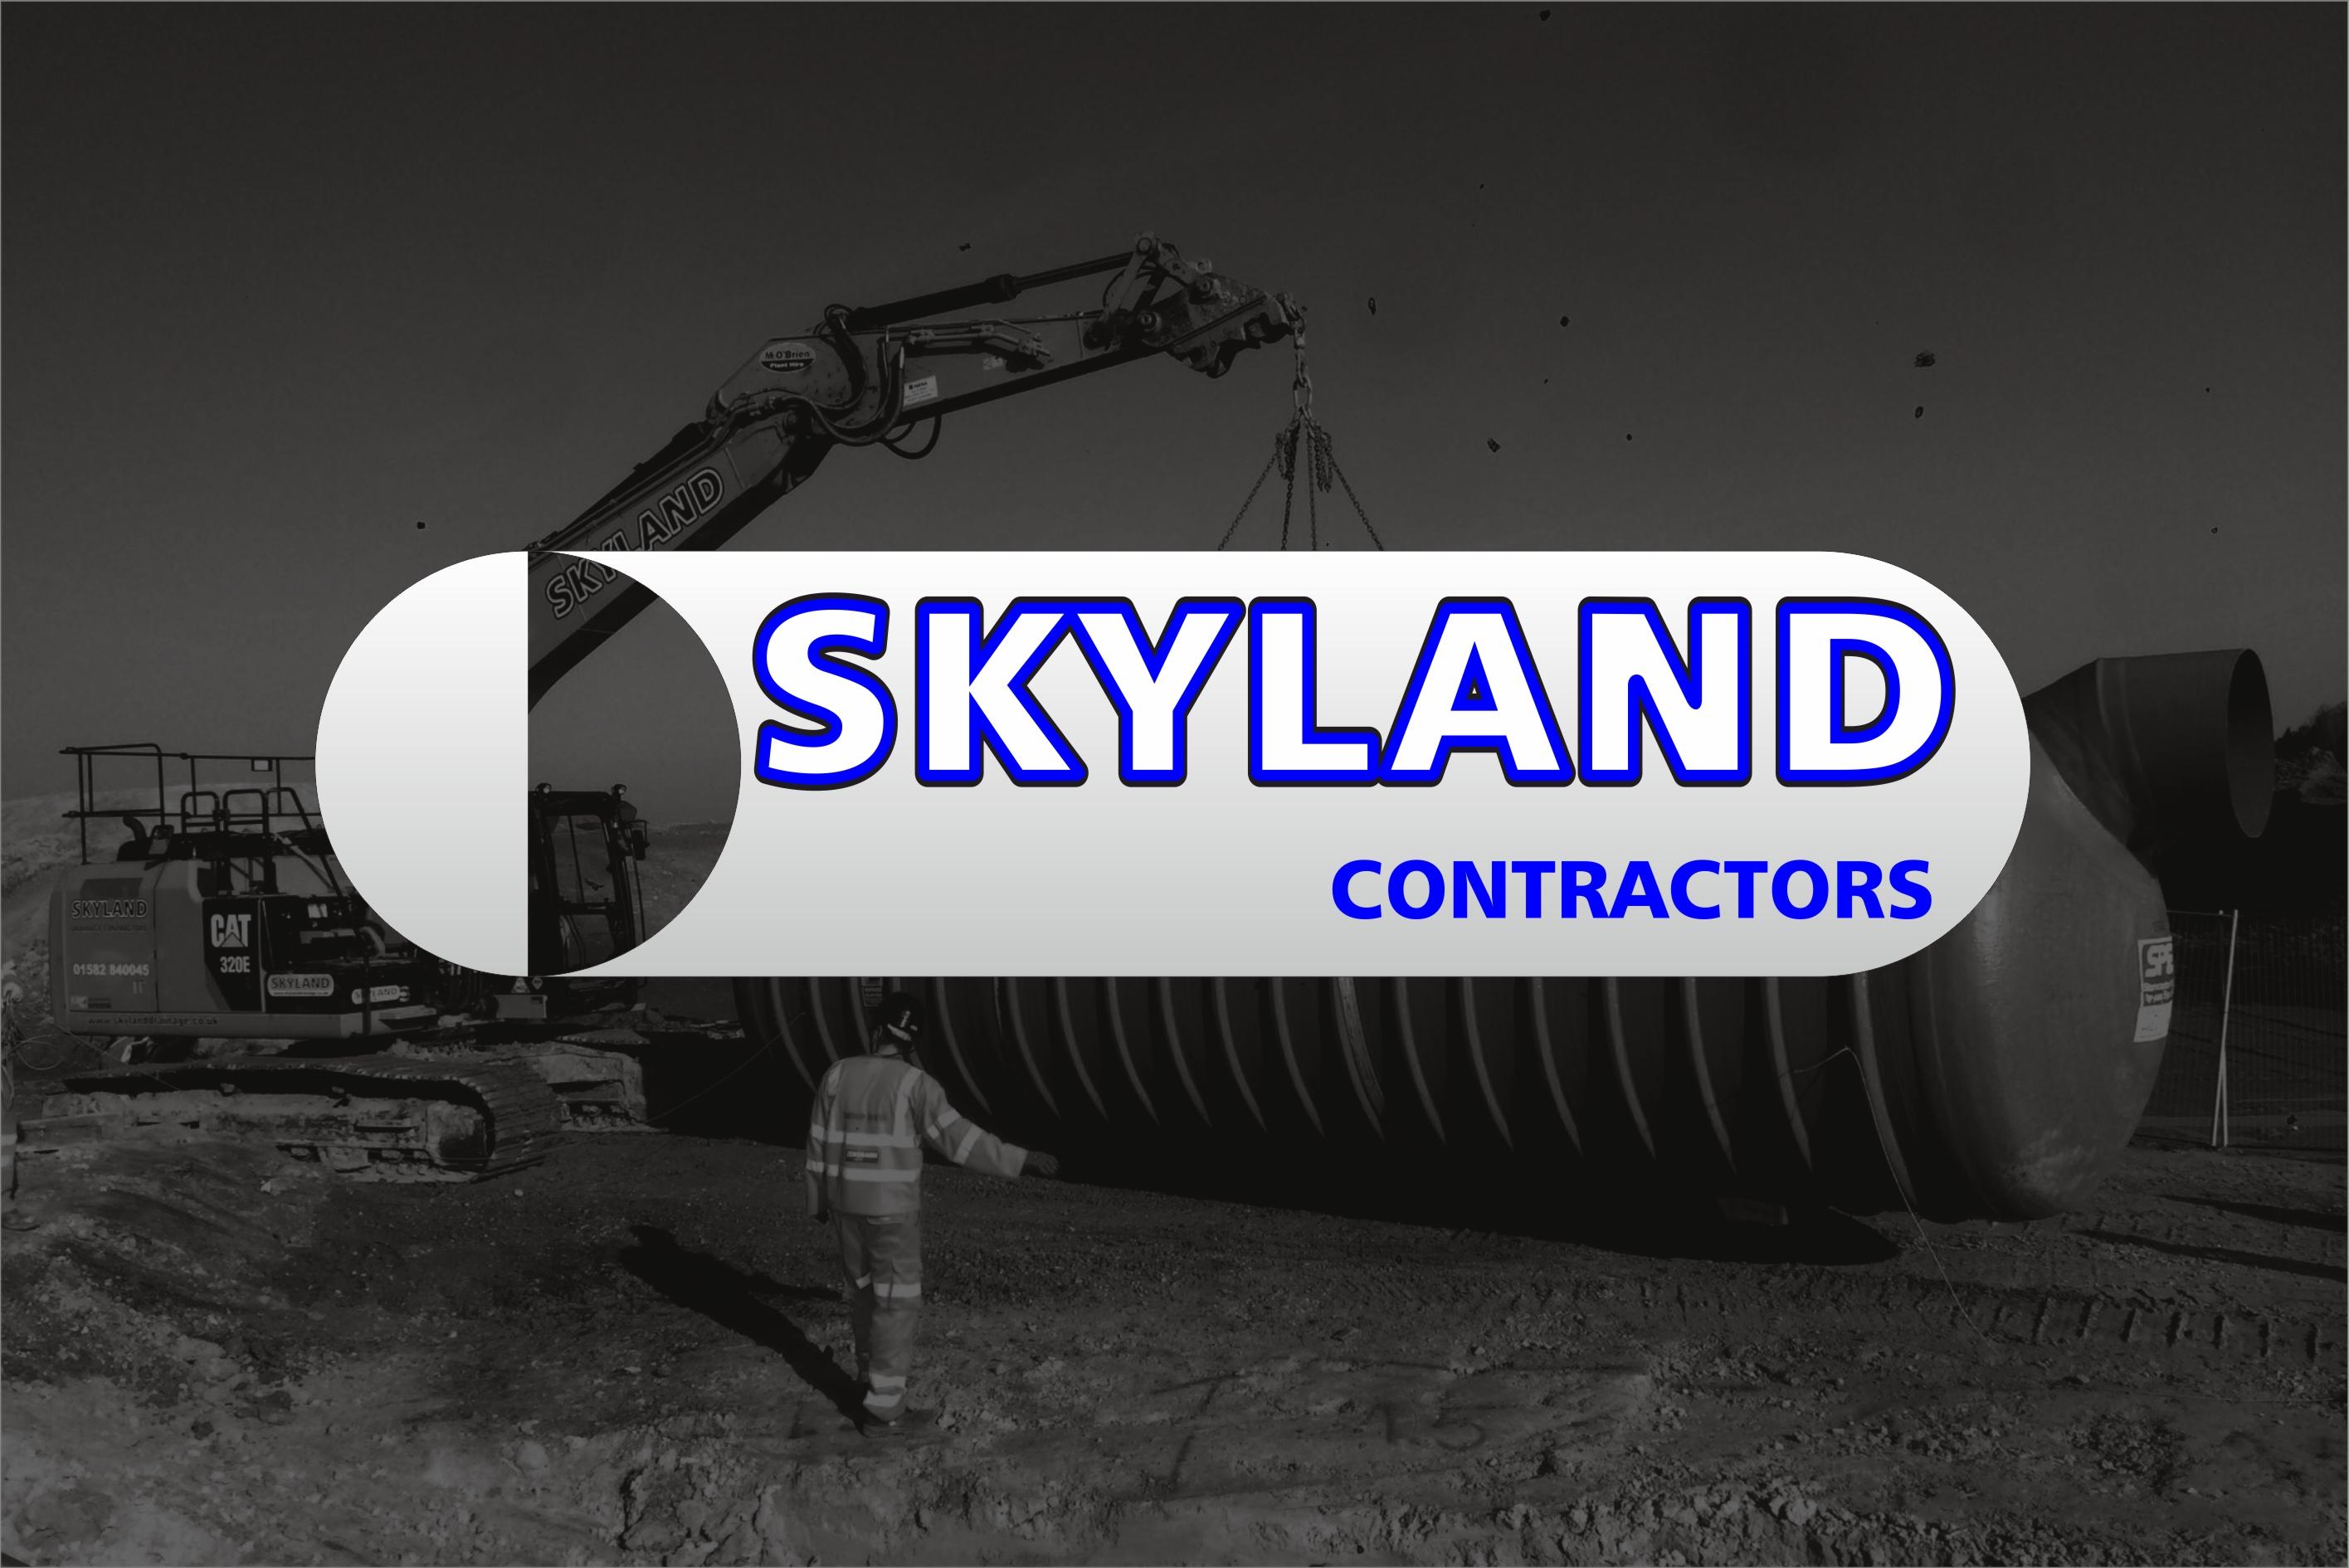 Skyland Contractors